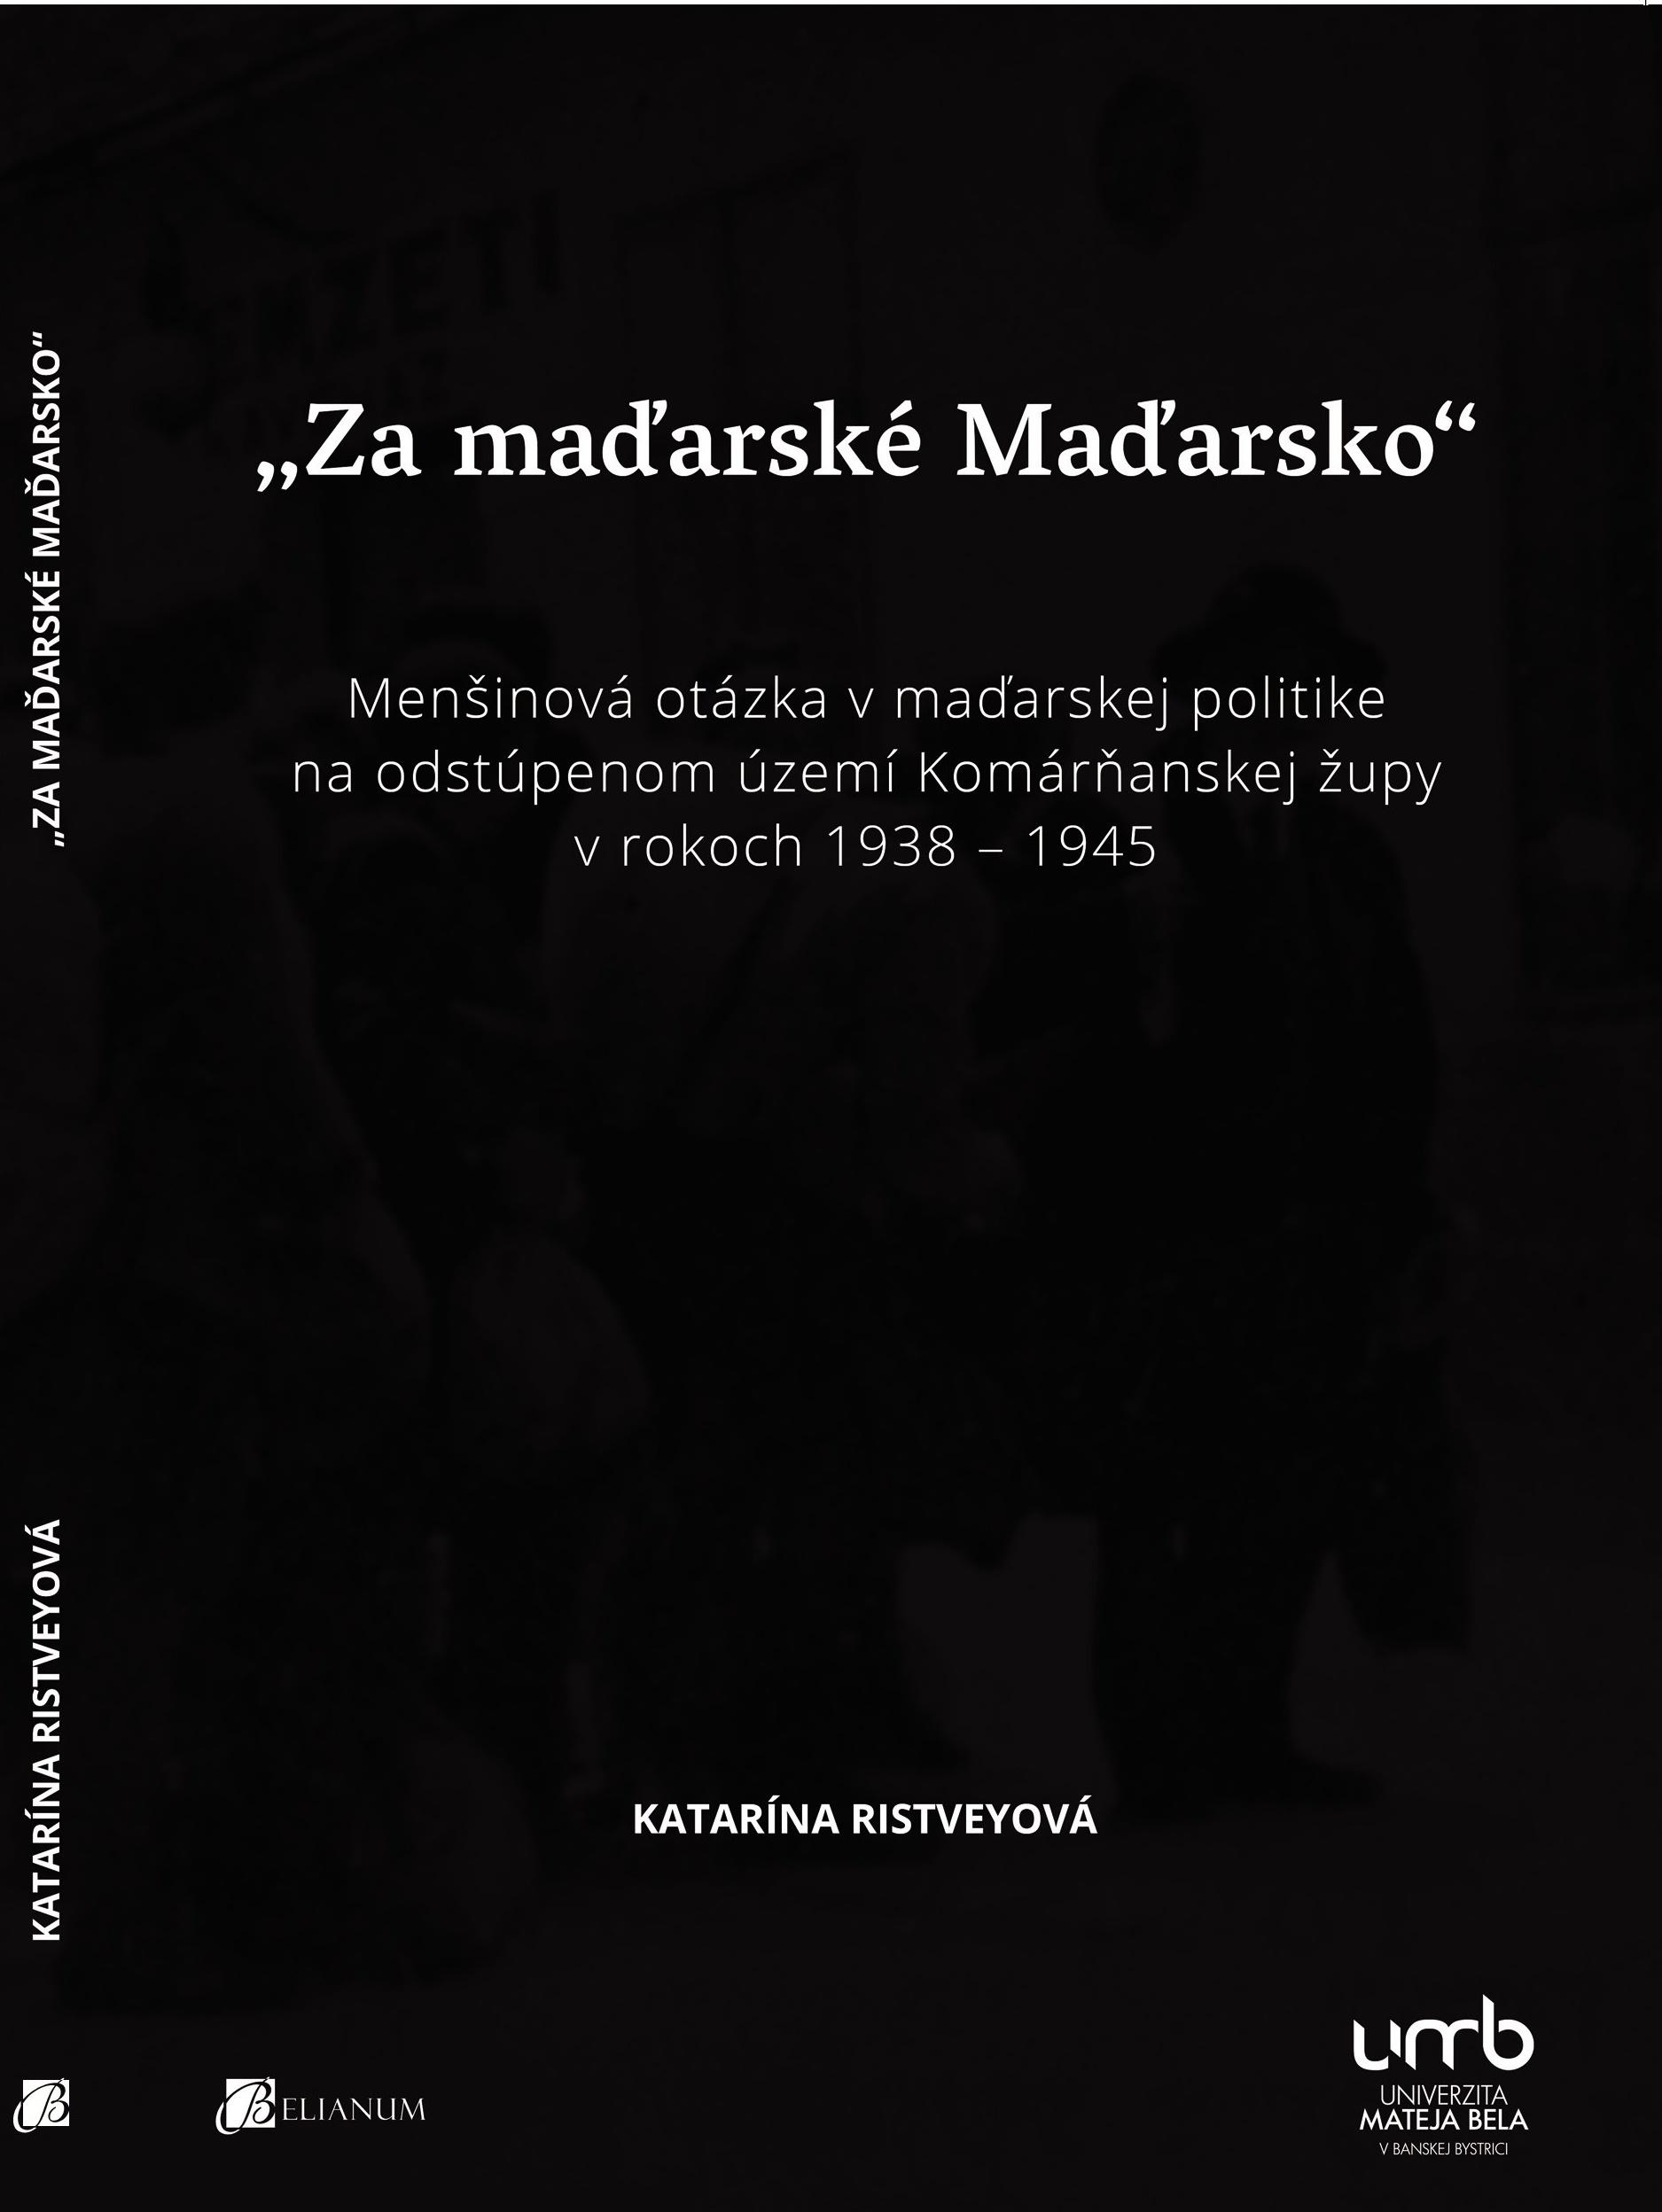 """""""Za maďarské Maďarsko"""" Menšinová otázka v maďarskej politike na odstúpenom území Komárňanskej župy v rokoch 1938 – 1945"""